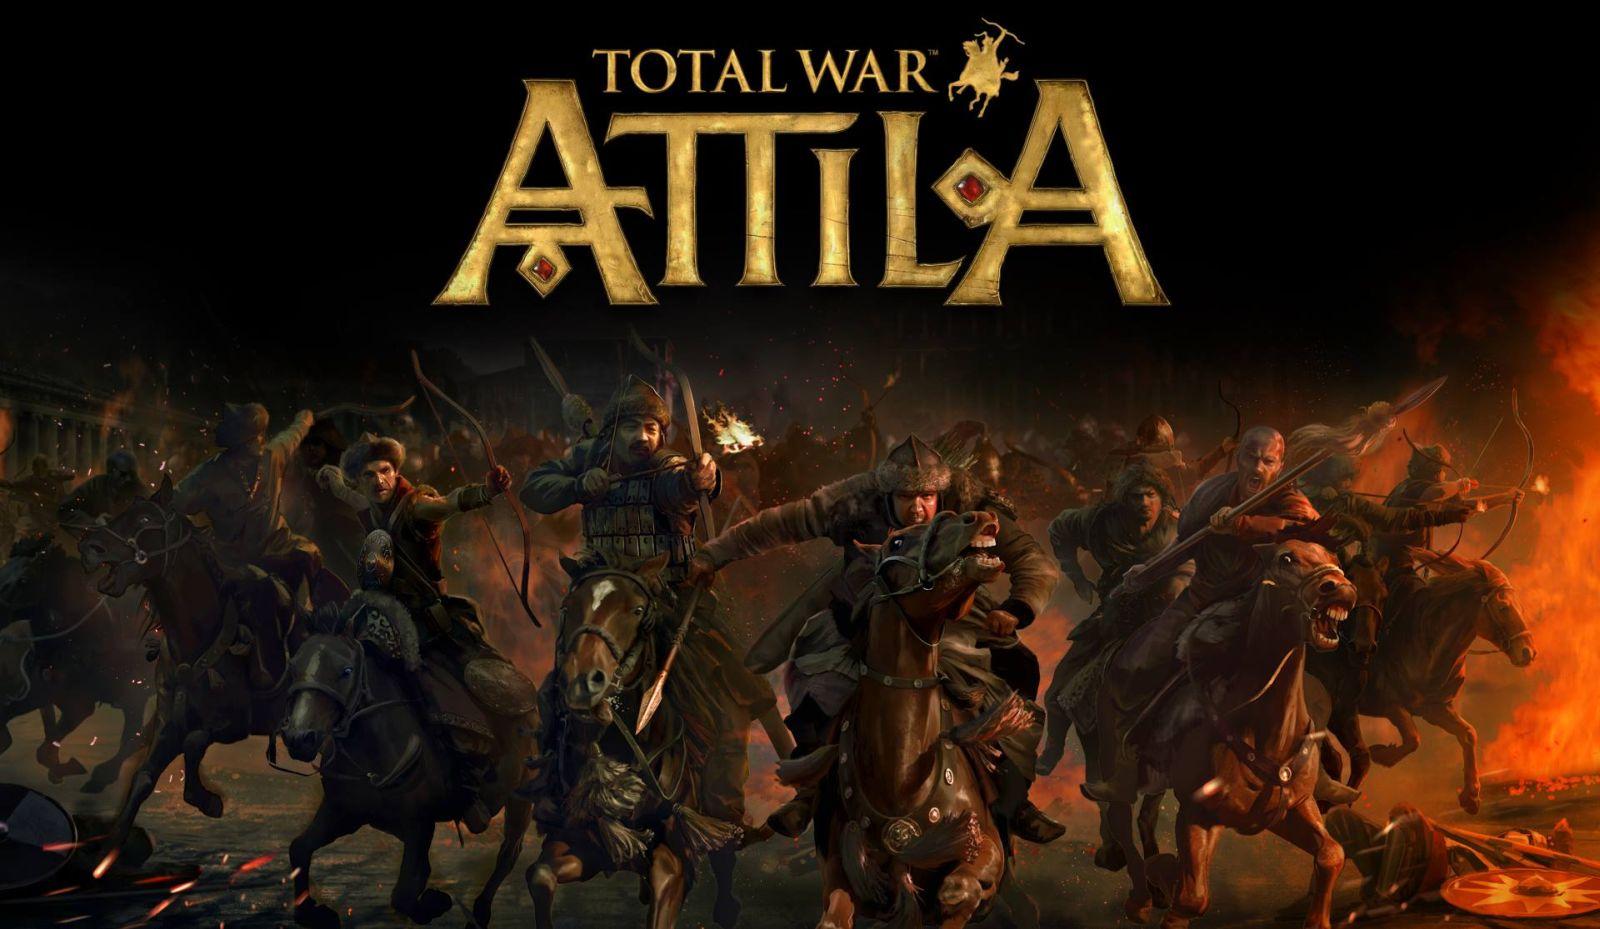 Total War: ATTILA v 1 2 1 + 4 DLCs, Proper Non-Steam Crack, Repack